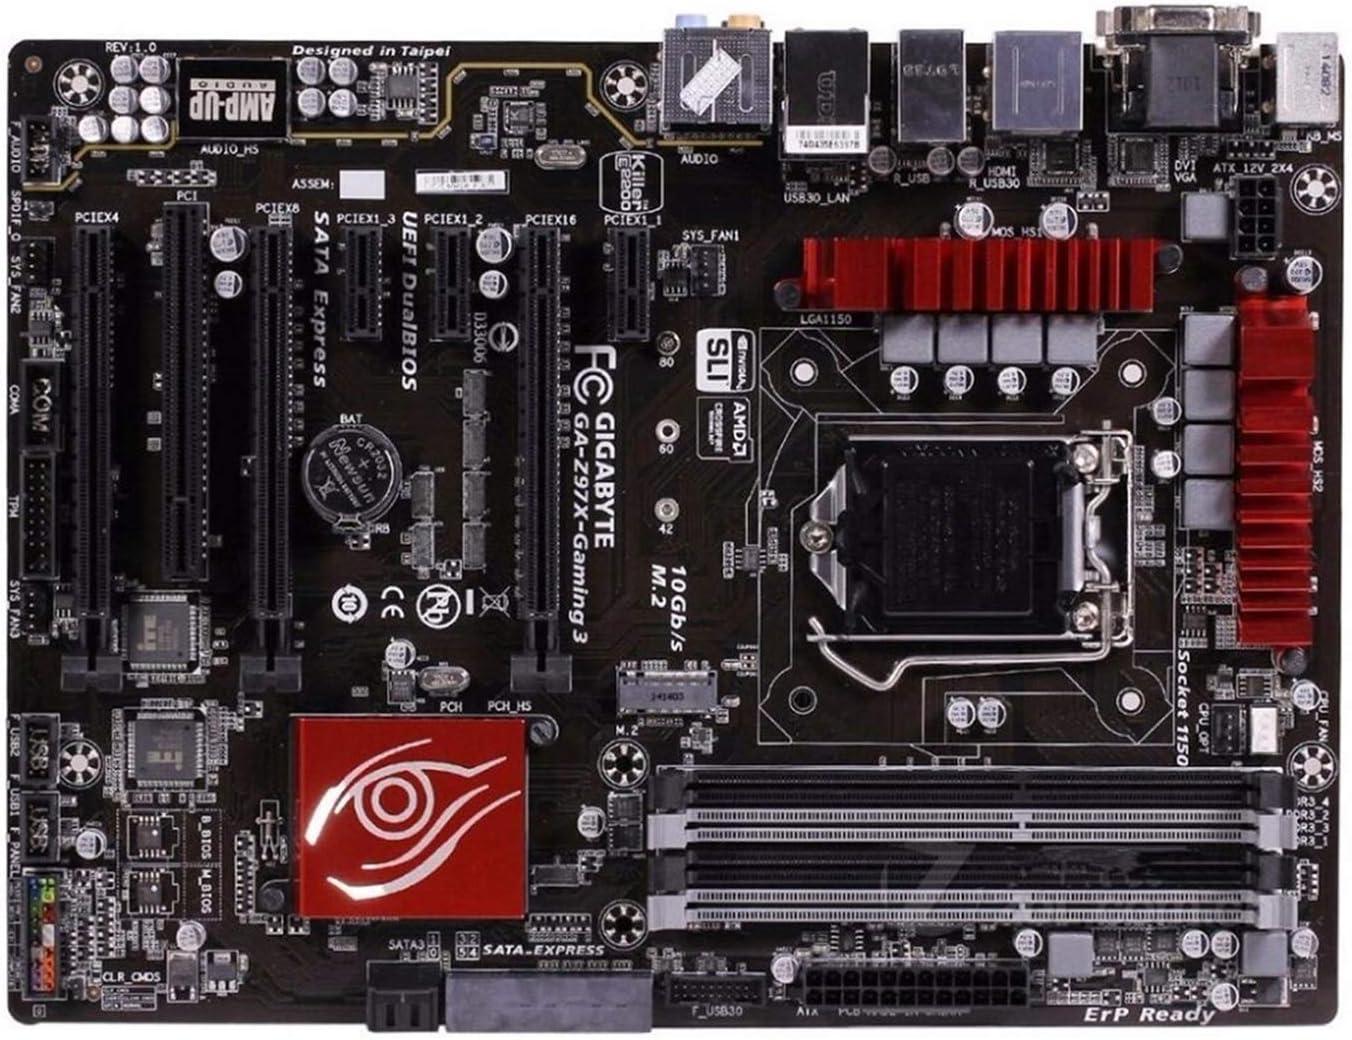 Placa Base Ajuste Fit For Gigabyte GA-Z97X-GAMING 3 Placa Base Z97X-GAMING 3 Z97 Socket LGA 1150 DDR3 USB3.0 SATA3.0